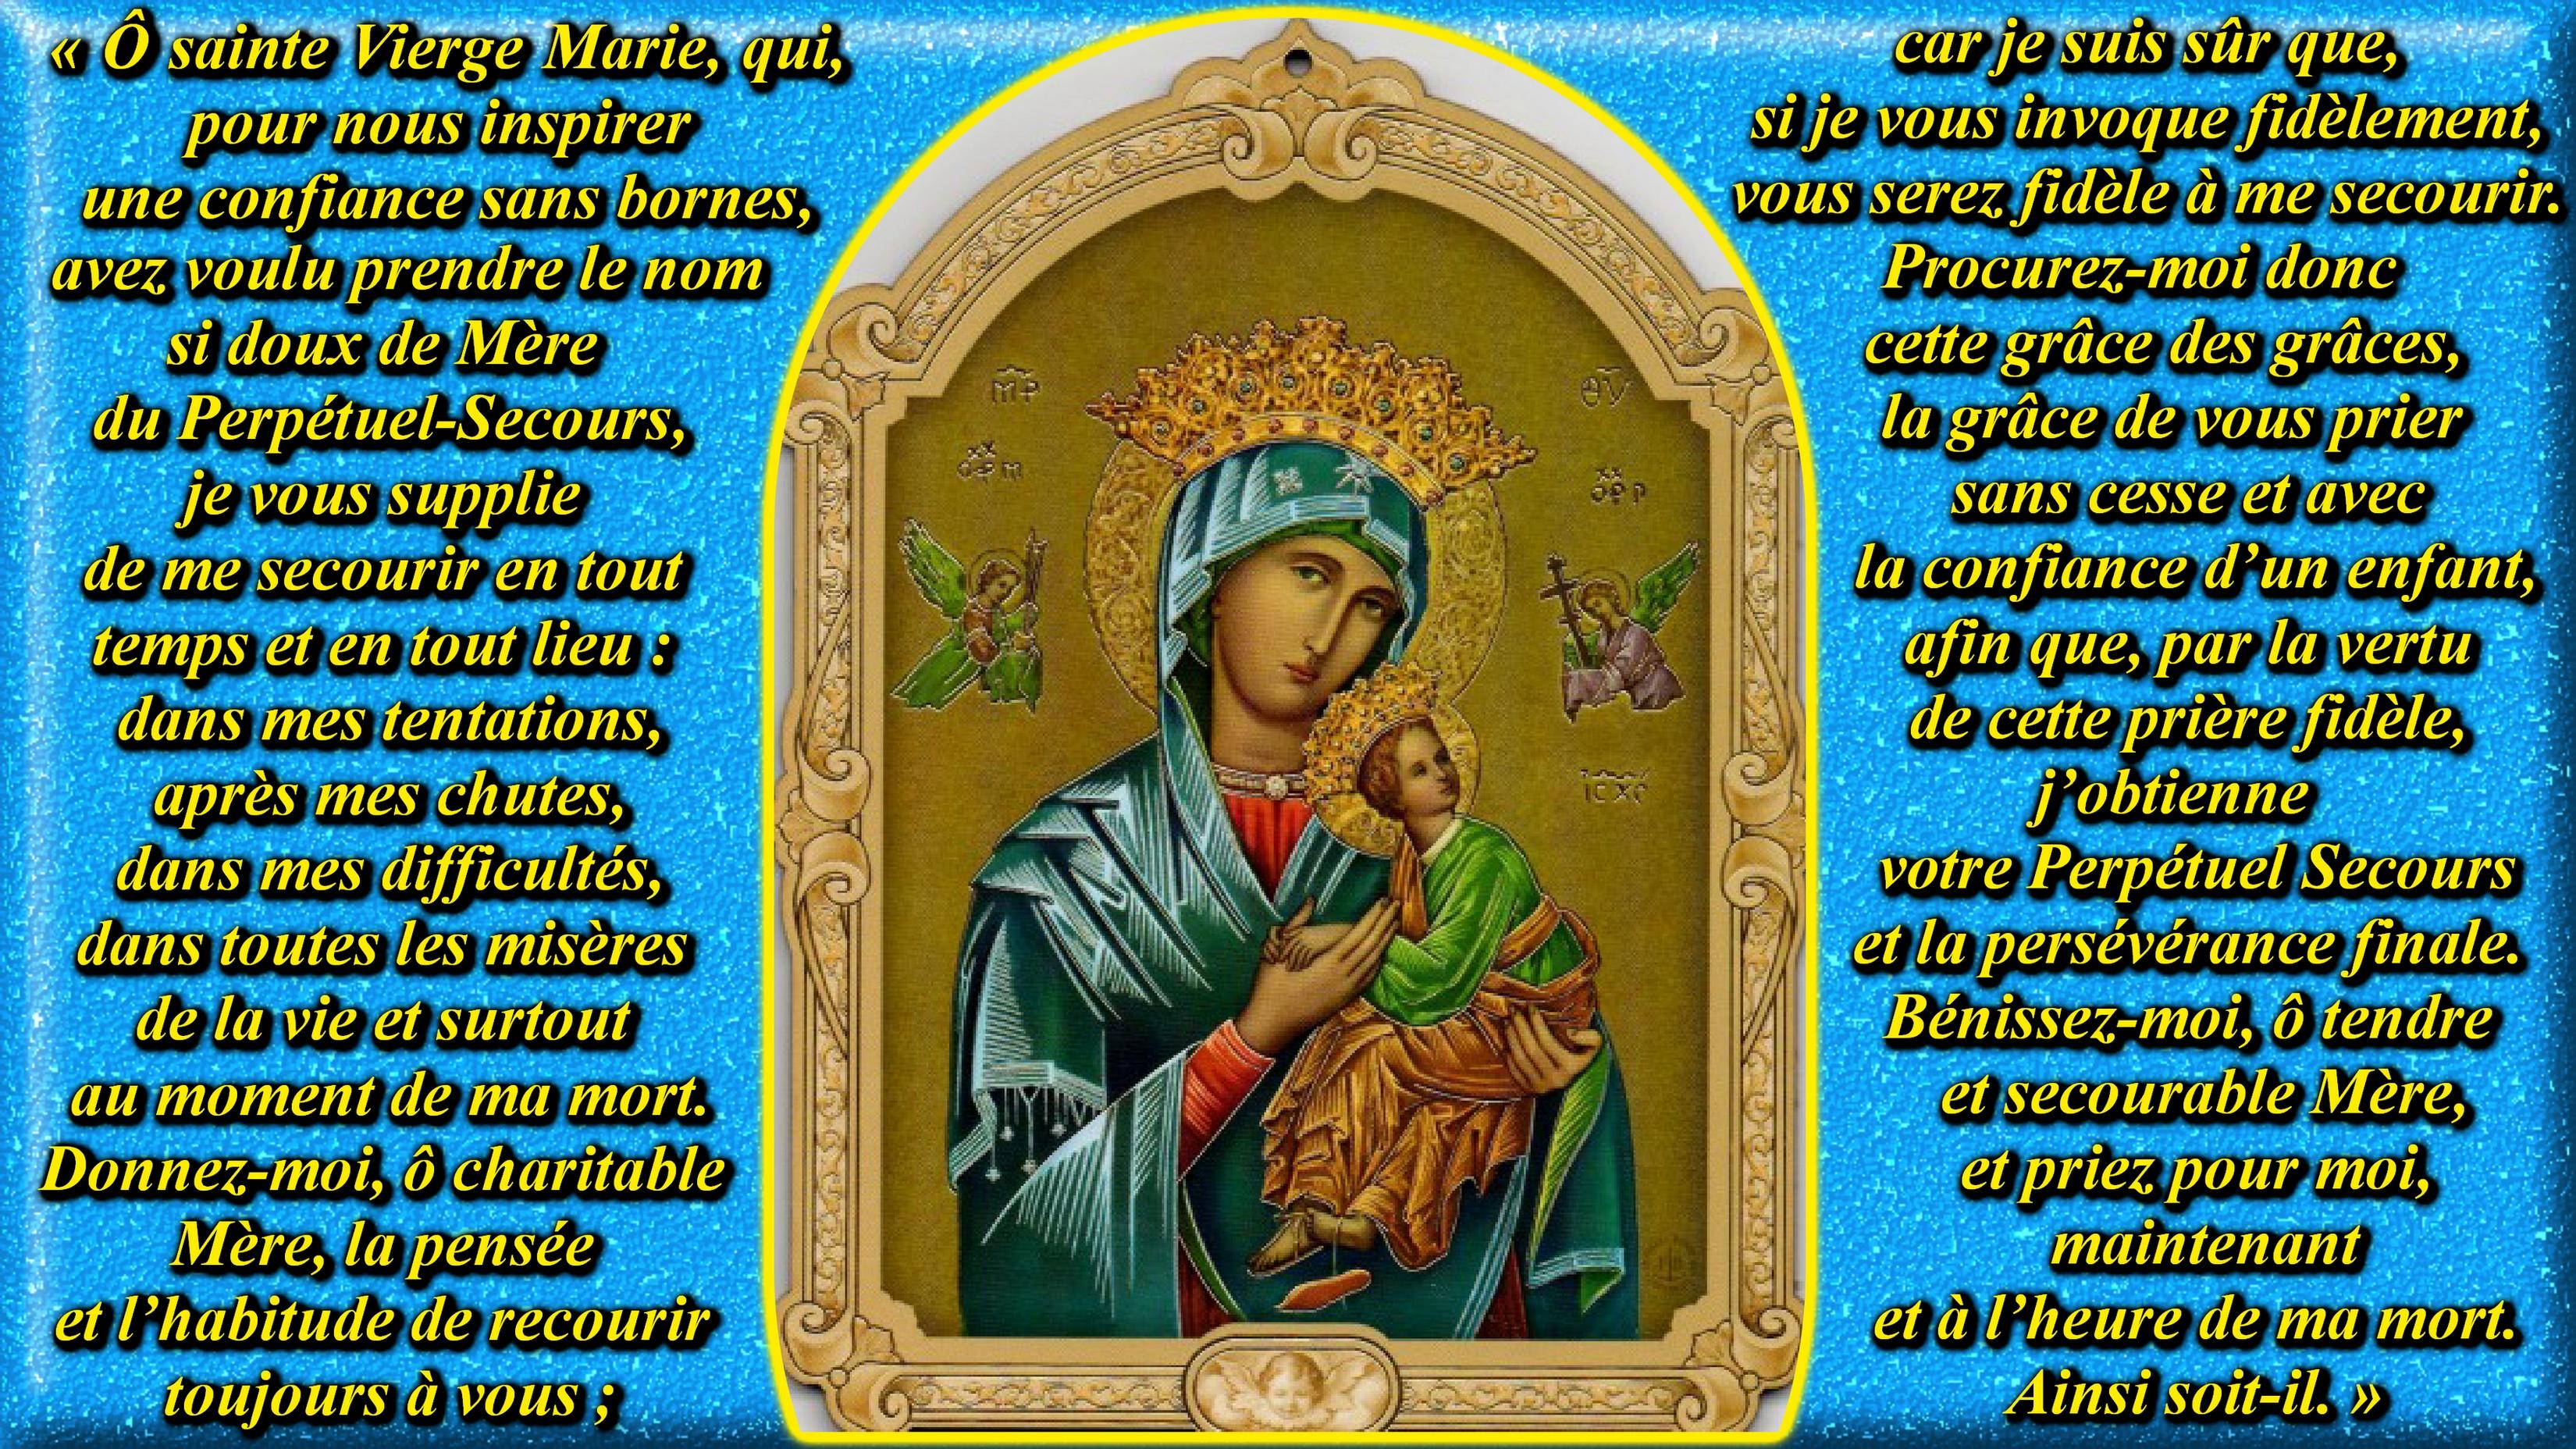 CALENDRIER CATHOLIQUE 2020 (Cantiques, Prières & Images) - Page 18 Pri-re-notre-dame...-secours-555f351